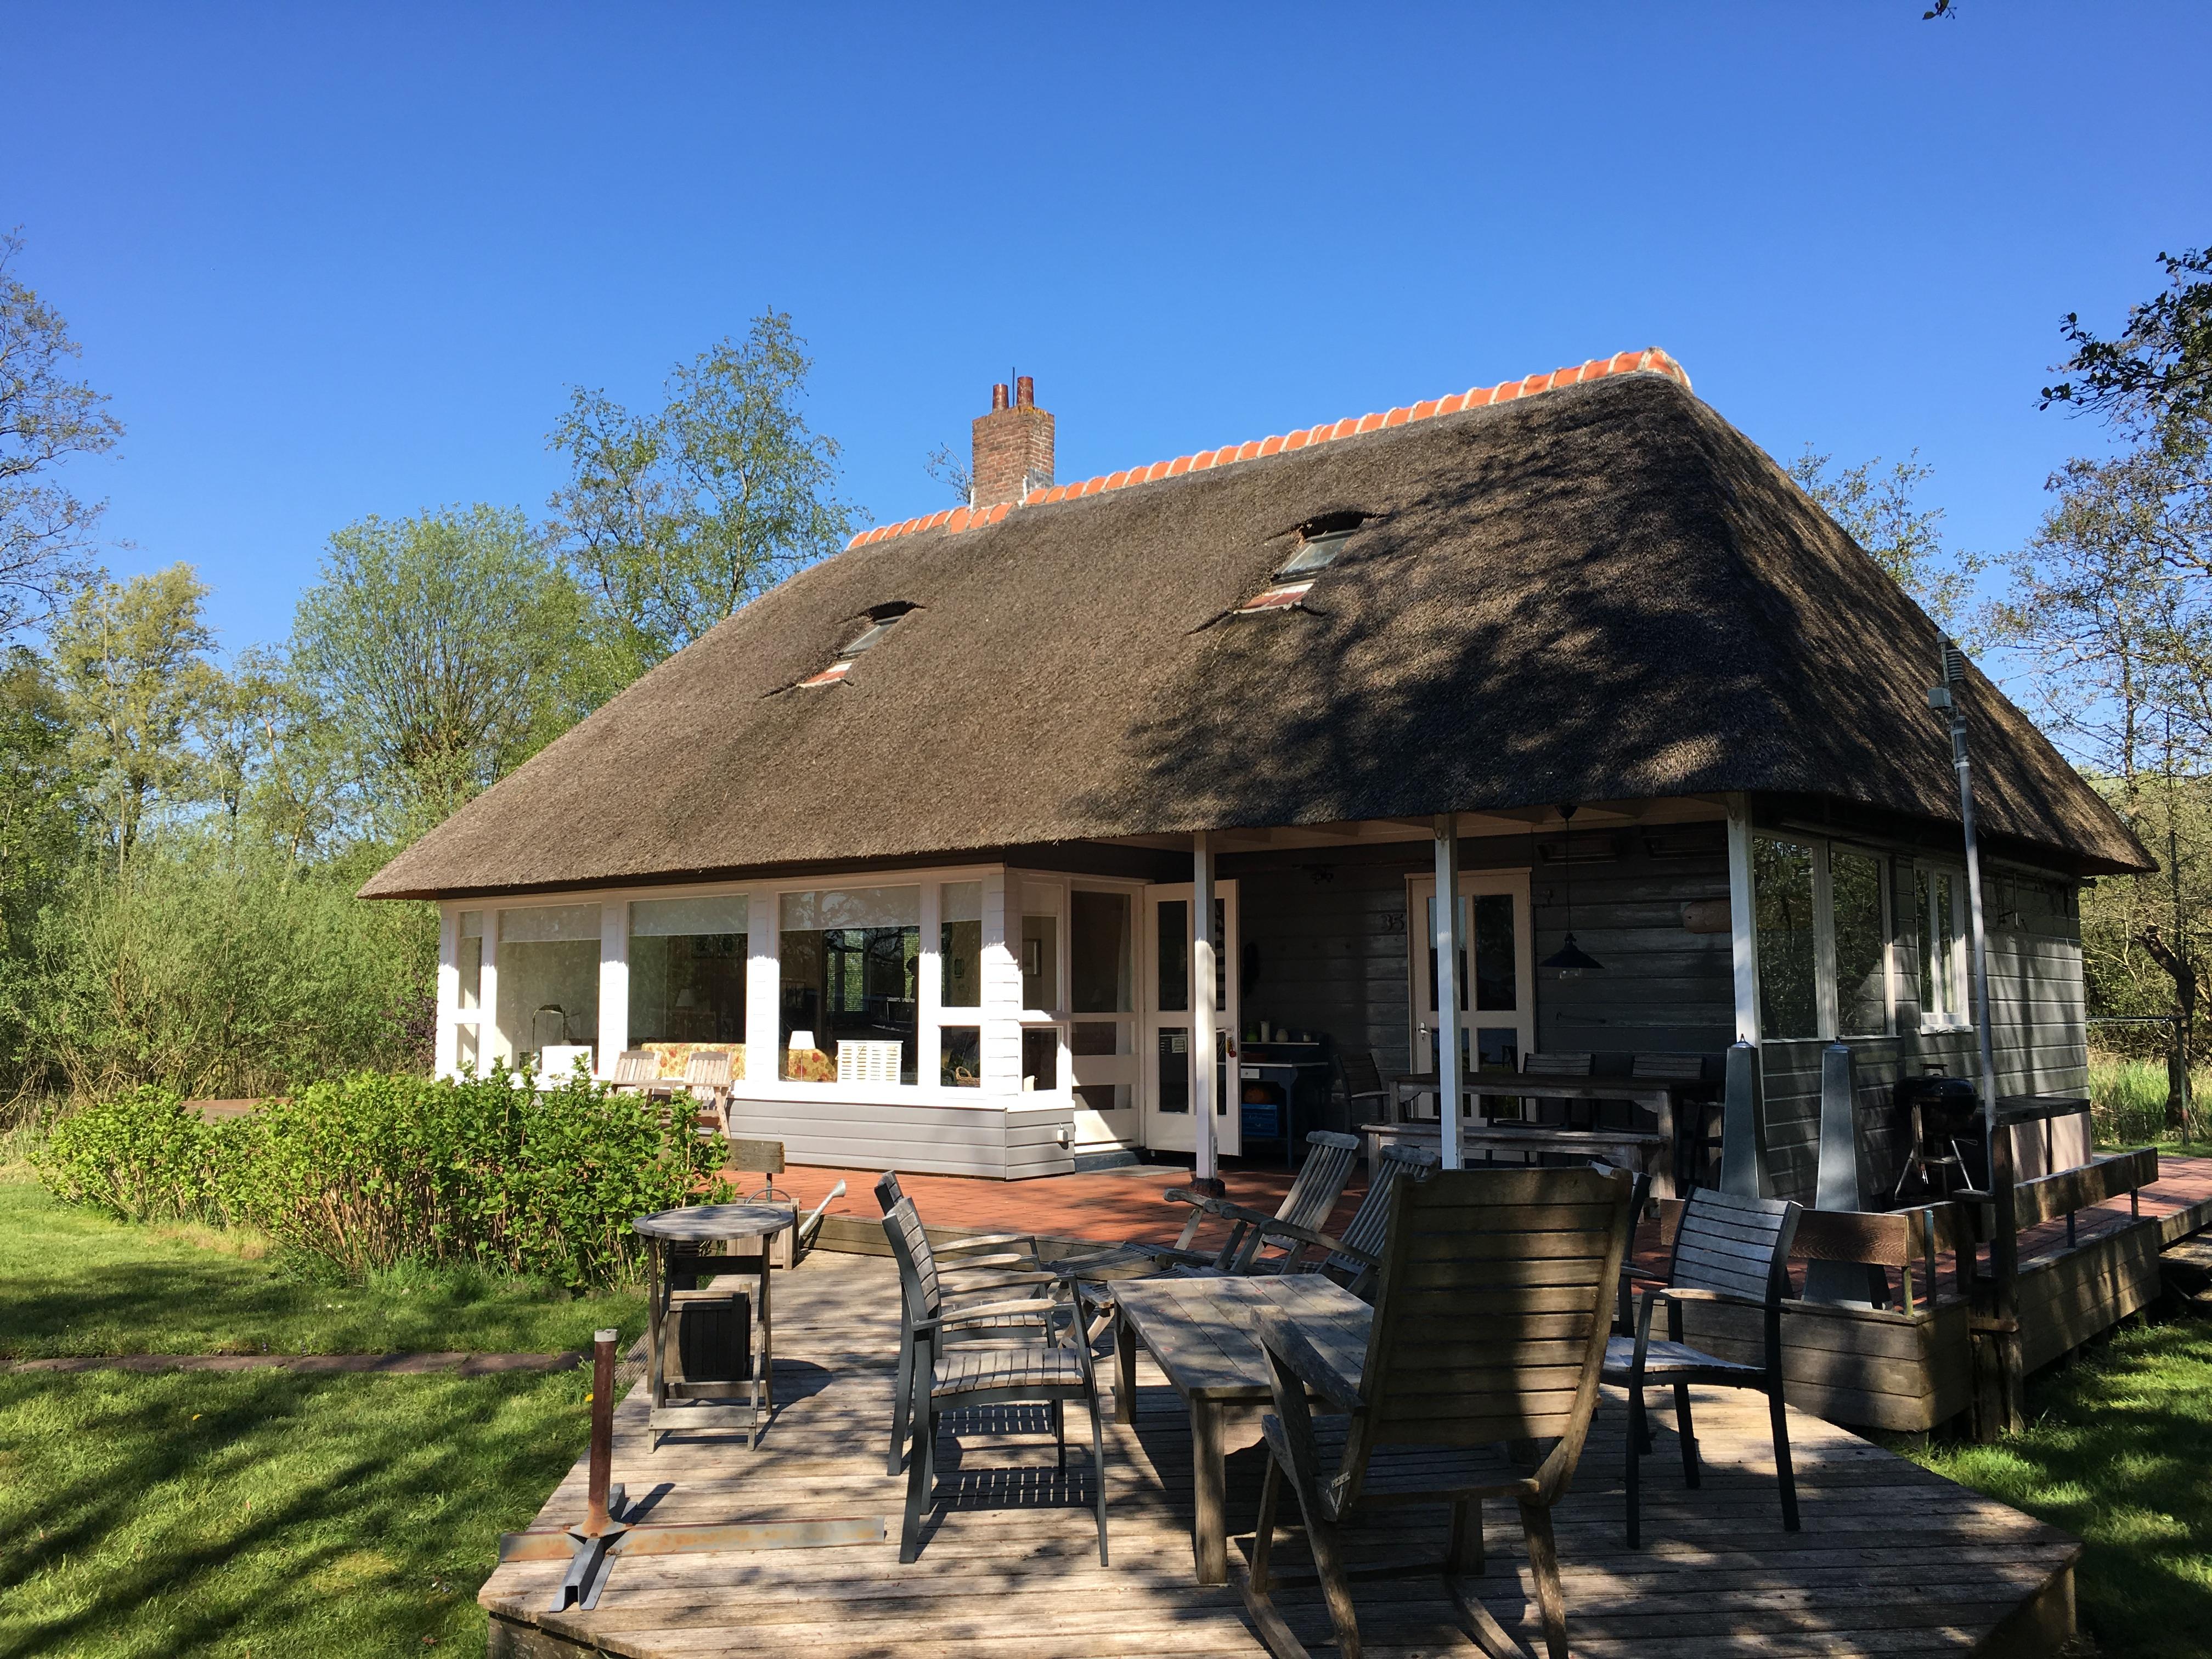 9003 XB Earnewâld, Nederland, 4 Bedrooms Bedrooms, ,Recreatiewoning,Koop,Ulekrite,1376